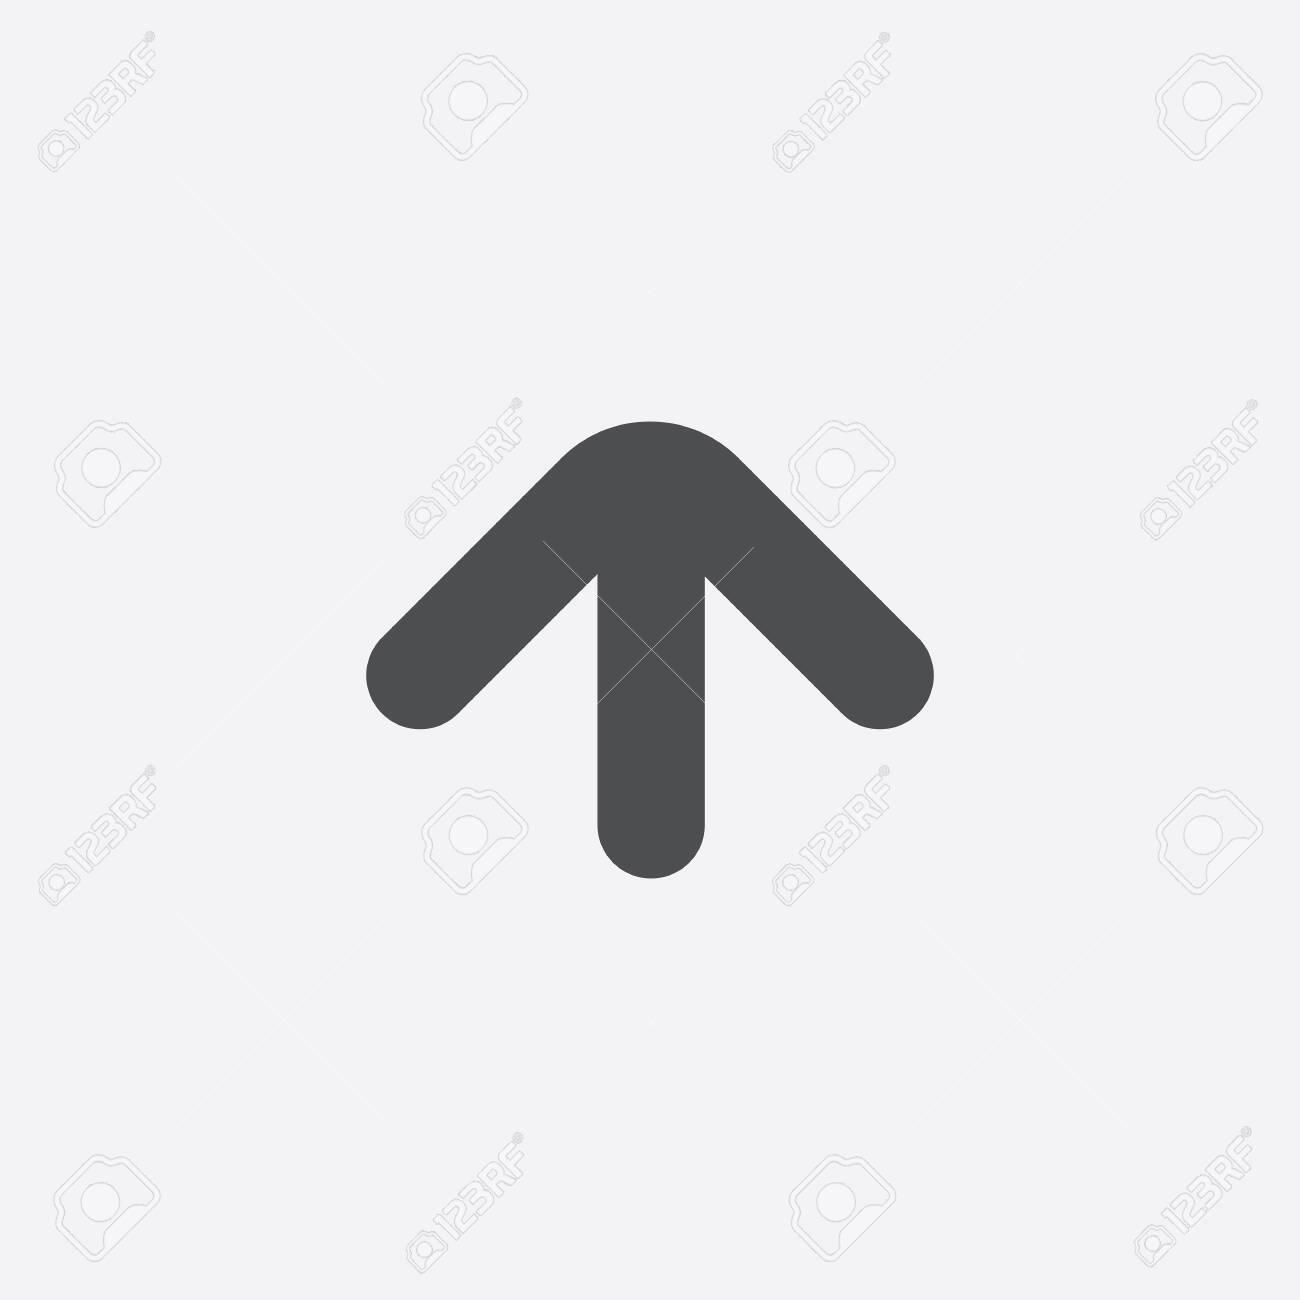 arrow up icon - 143059580